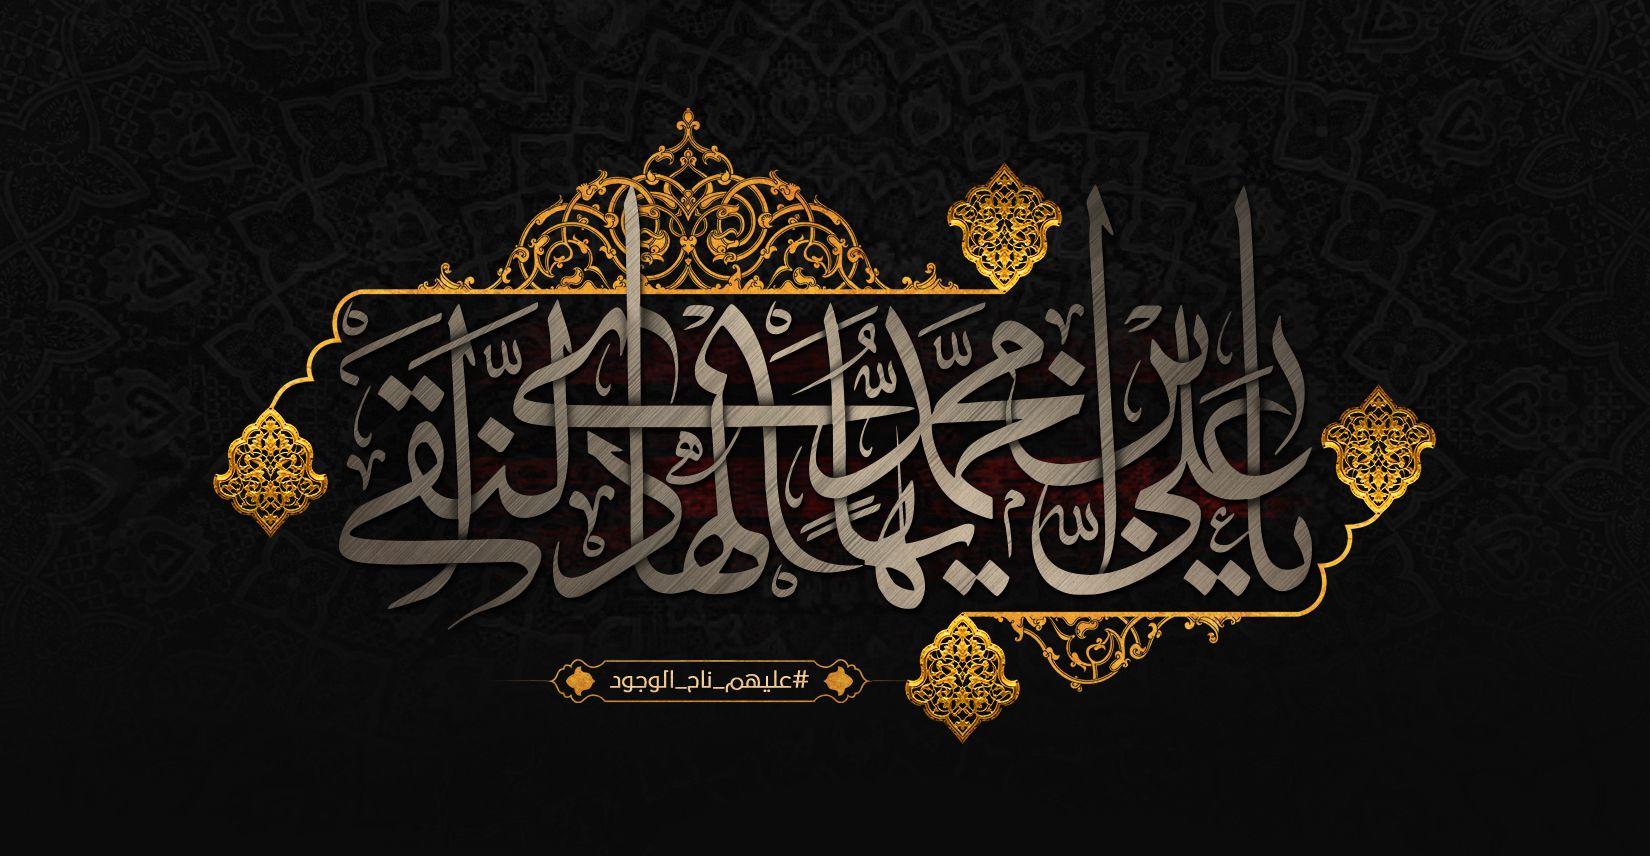 استشهاد الامام علي الهادي عليه السلام Islamic Art Imam Ali Coreldraw